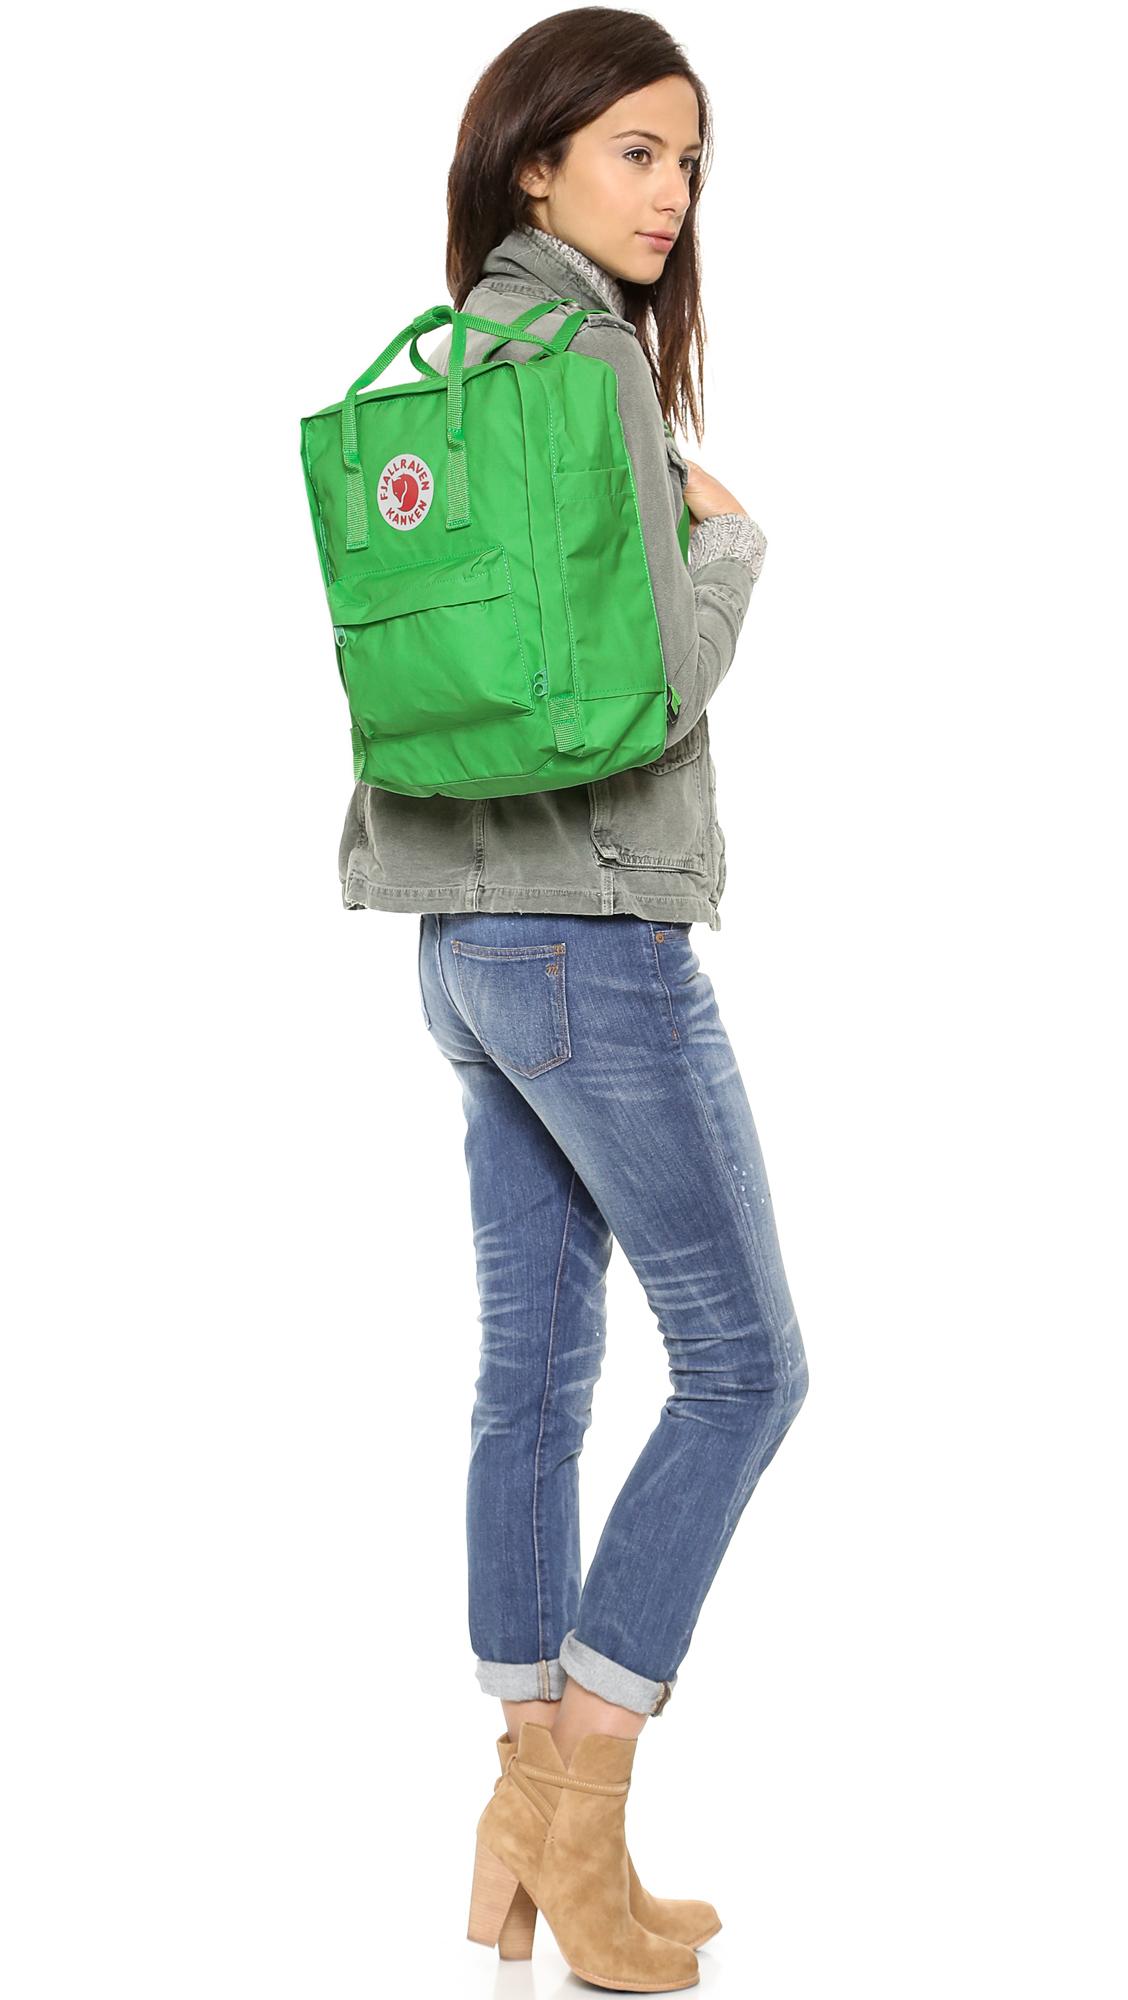 fjallraven kanken backpack measurements